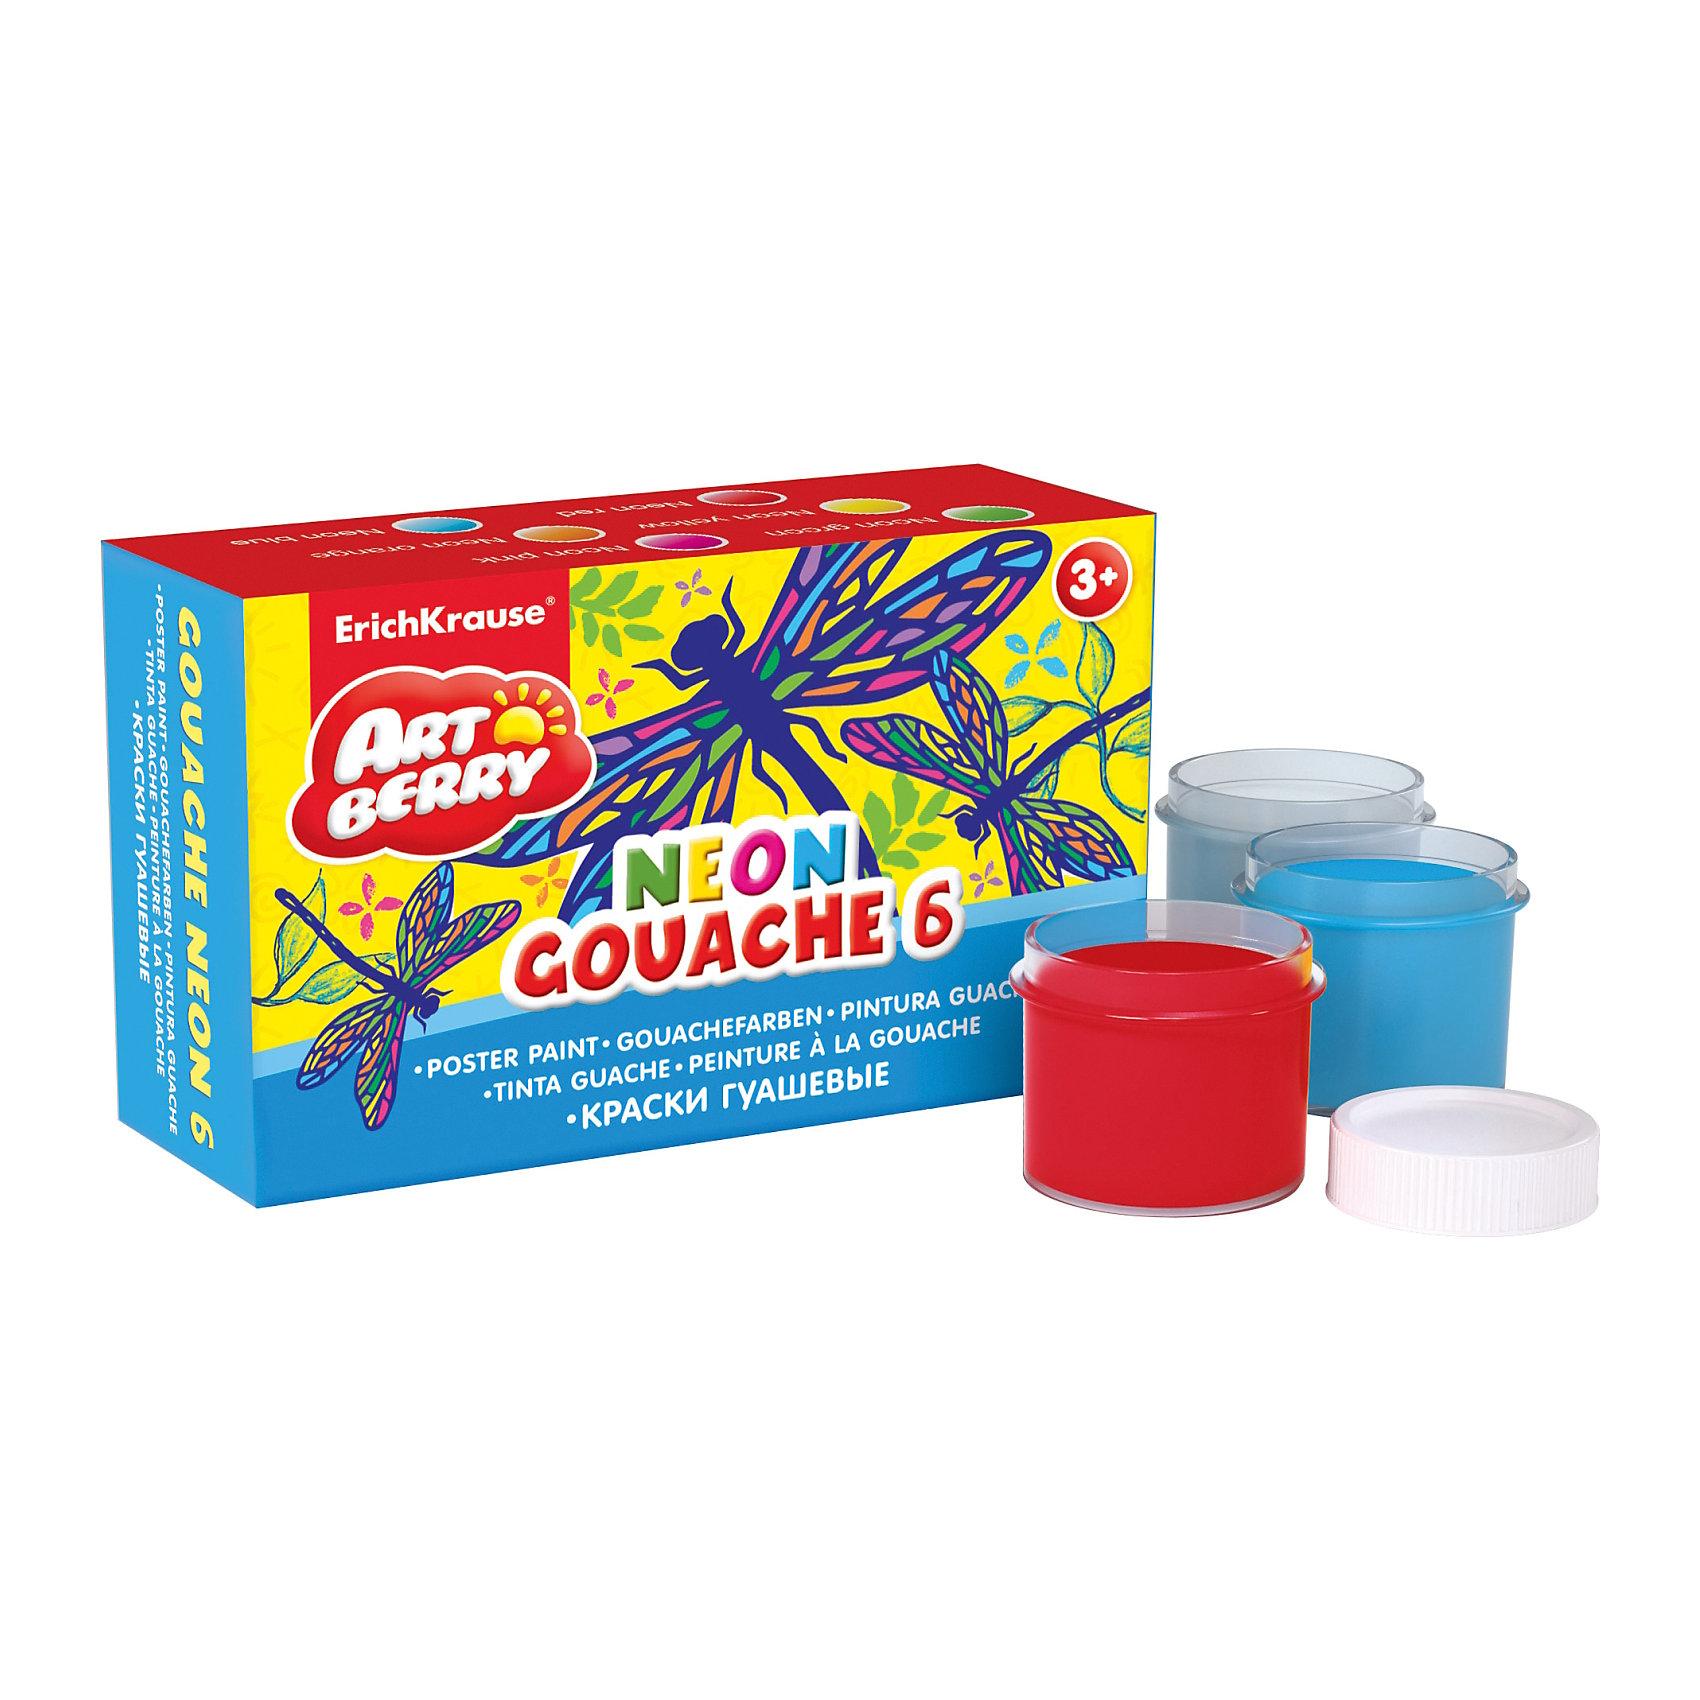 Гуашь Artberry Neon, 6 цветов по 20млХарактеристики гуаши Artberry Neon:<br><br>• возраст: от 5 лет<br>• пол: для мальчиков и девочек<br>• комплект: 6 баночек по 20 мл.<br>• материал: краски, пластик.<br>• упаковка: картонная коробка.<br>• размер упаковки : 12x8.5x4.5 см<br>• бренд: производитель: Erich Krause<br>• страна обладатель бренда: Россия.<br><br>Краски российской торговой марки Erich Krause Artberry Neon изготовлены из качественных материалов. Краски абсолютно безопасны при использовании и легко смываются водой. Всего 6 гуашевых красок с насыщенными неоновыми цветами, и каждая коробочка с гуашью отдельно упакована в термоусадочную пленку. Краски находятся в картонной коробке, которая не даст им засохнуть. Яркая и практичная гуашь Erich Krause Artberry Neon с продуманной палитрой цветов непременно понравится Вашему юному художнику.<br><br>Гуашь Artberry Neon торговой марки Erich Krause  можно купить в нашем интернет-магазине.<br><br>Ширина мм: 121<br>Глубина мм: 78<br>Высота мм: 40<br>Вес г: 191<br>Возраст от месяцев: 60<br>Возраст до месяцев: 216<br>Пол: Унисекс<br>Возраст: Детский<br>SKU: 5409221